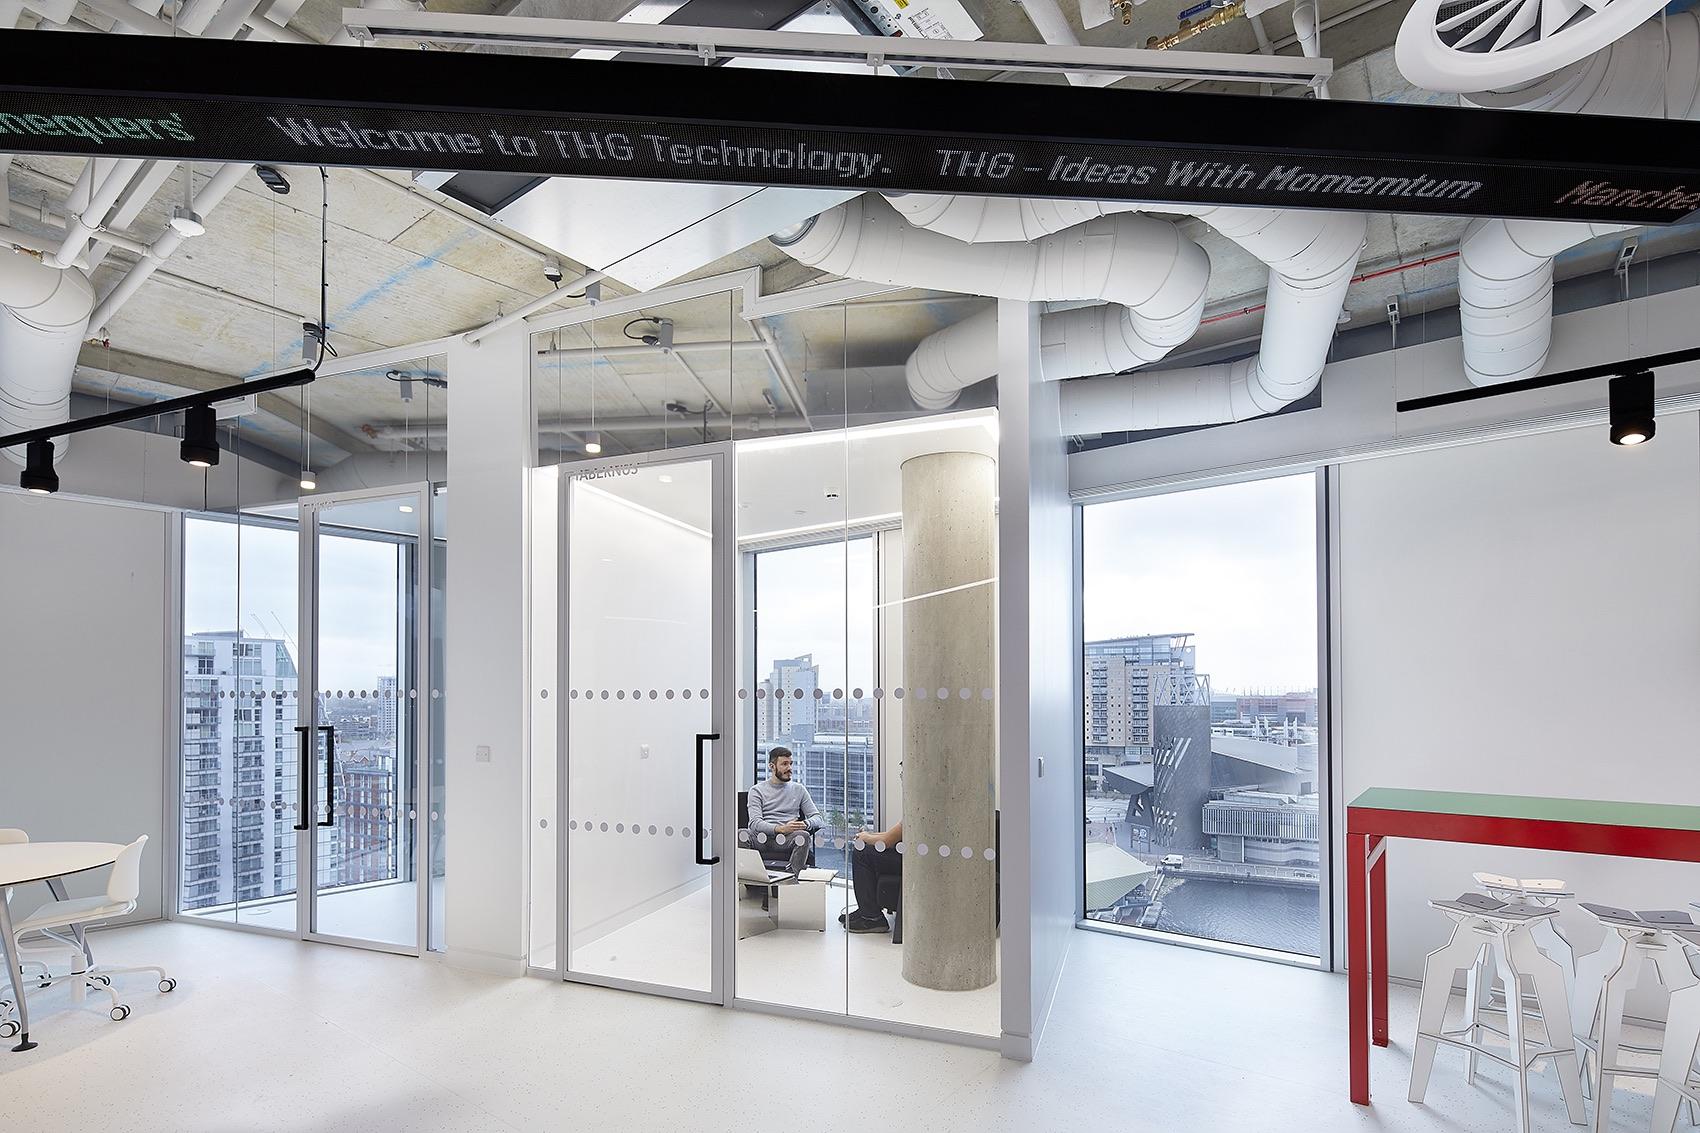 ingenuity-thg-office-2